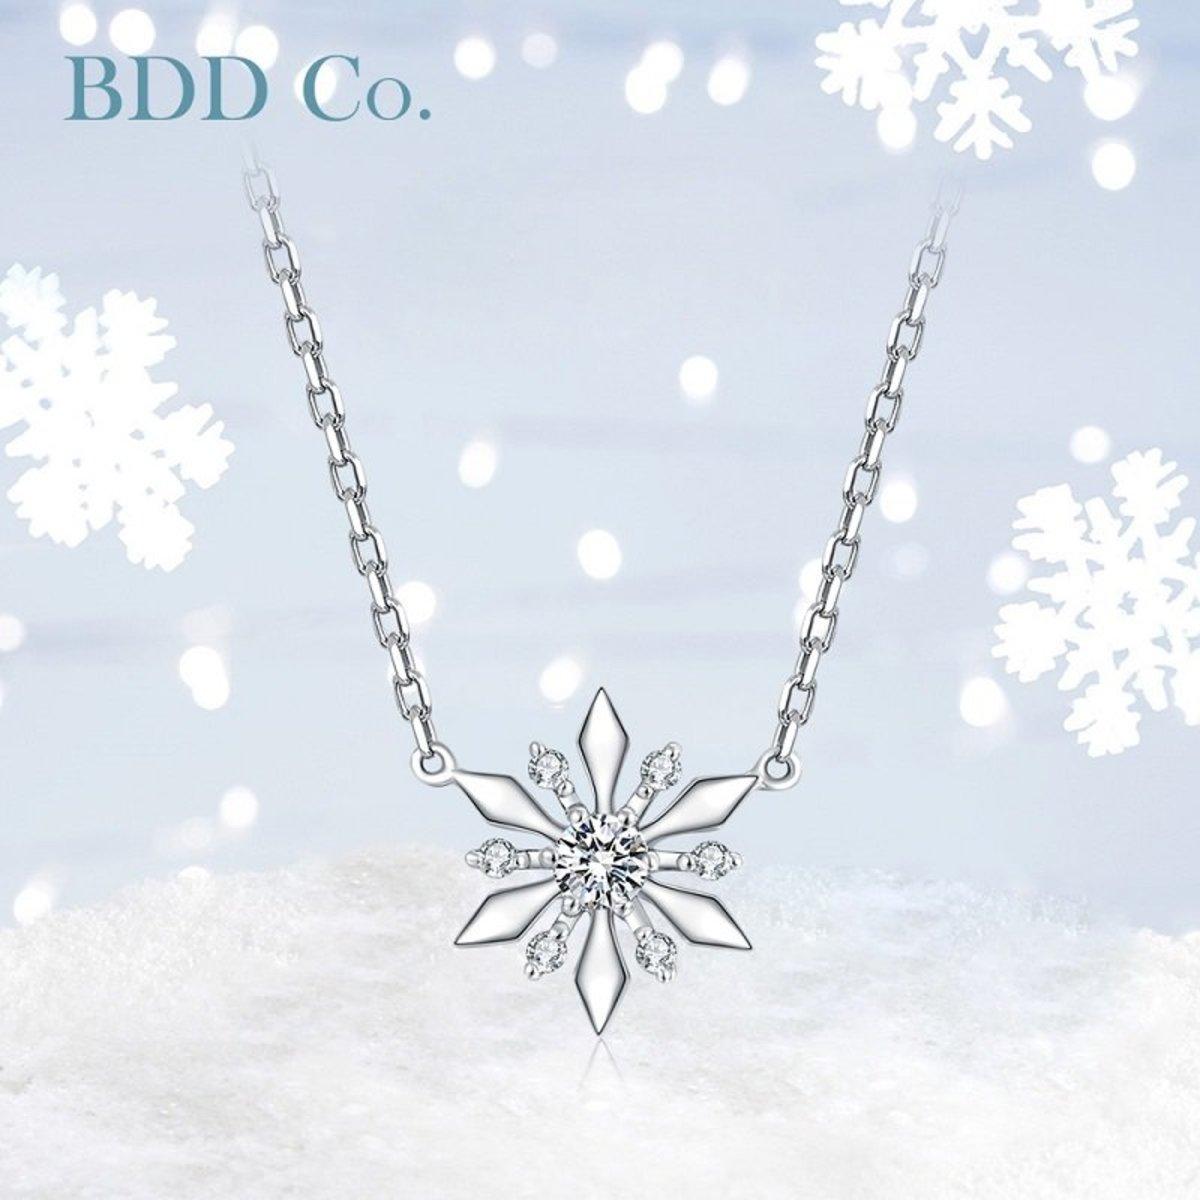 18k White Gold Snow Flake Diamond Necklace